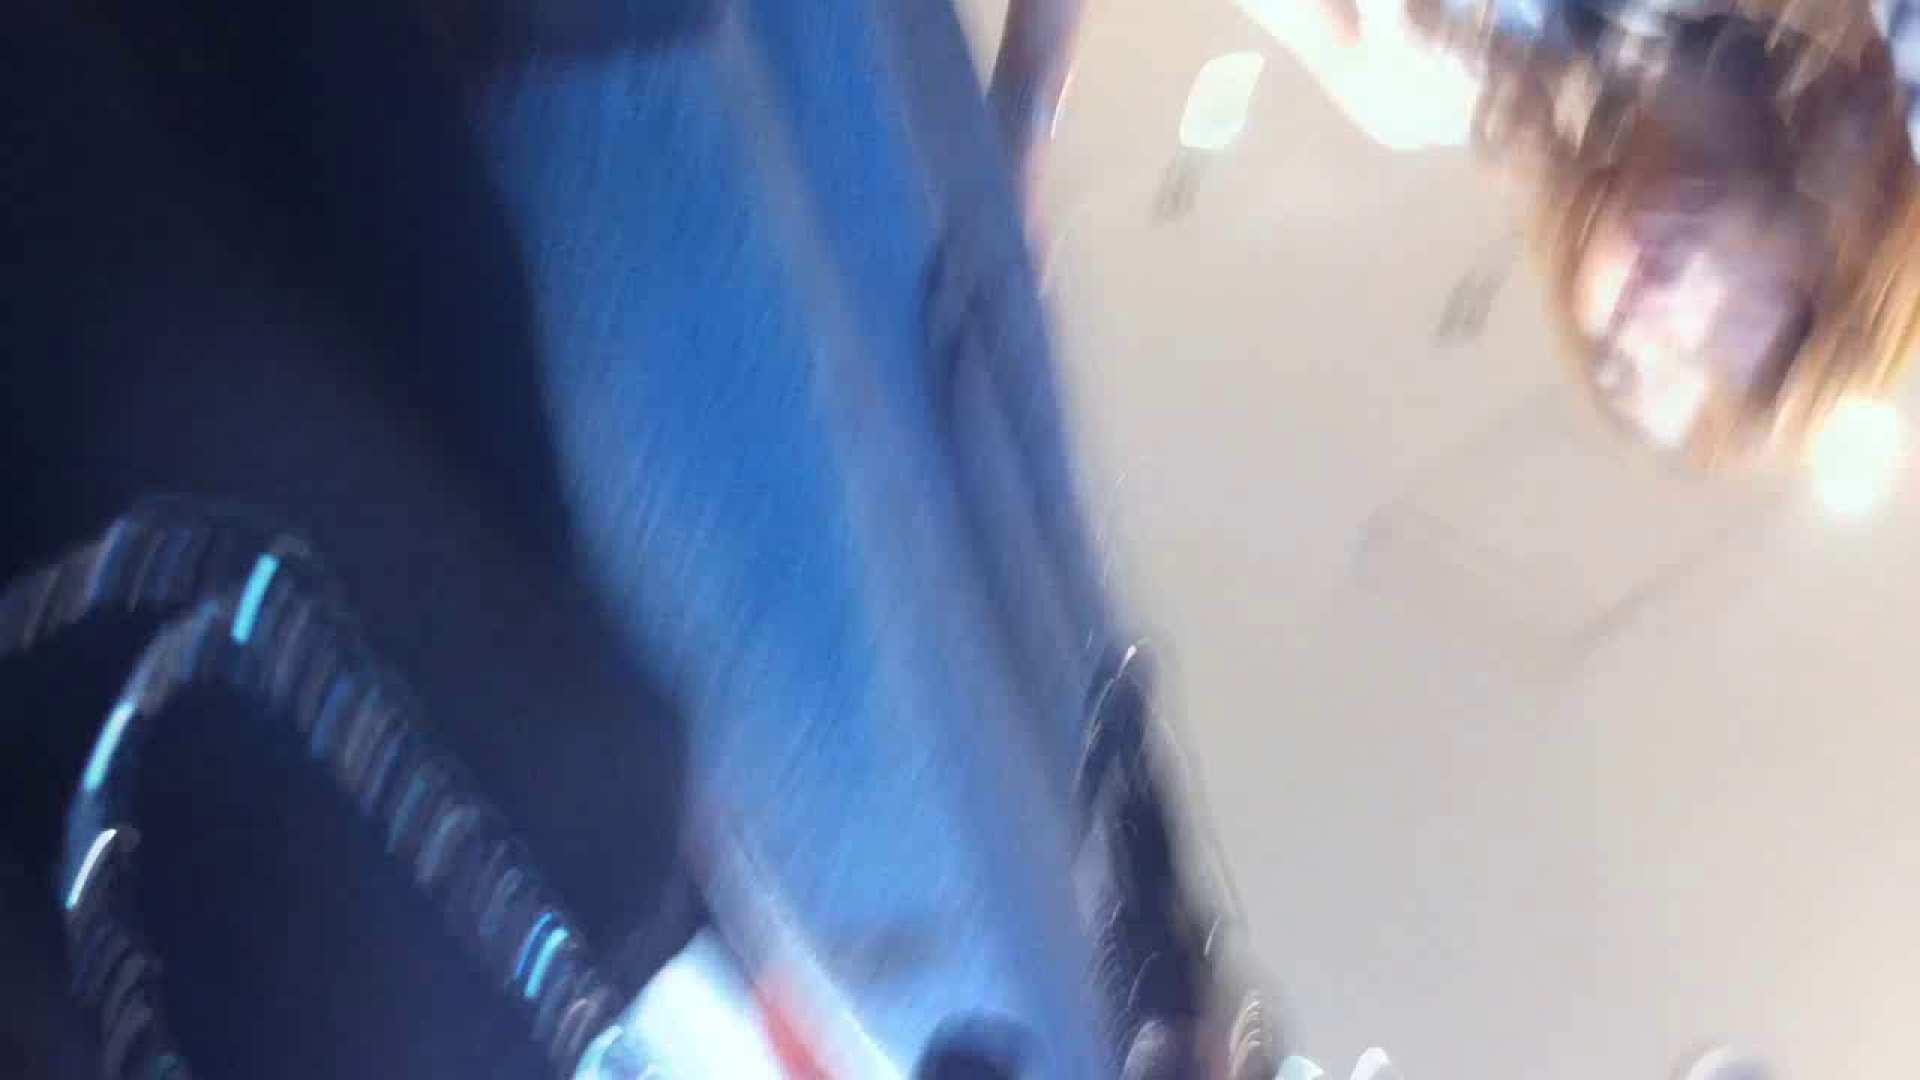 フルHD ショップ店員千人斬り! 大画面ノーカット完全版 vol.45 OLエロ画像 | ギャルエロ画像  104PICs 9